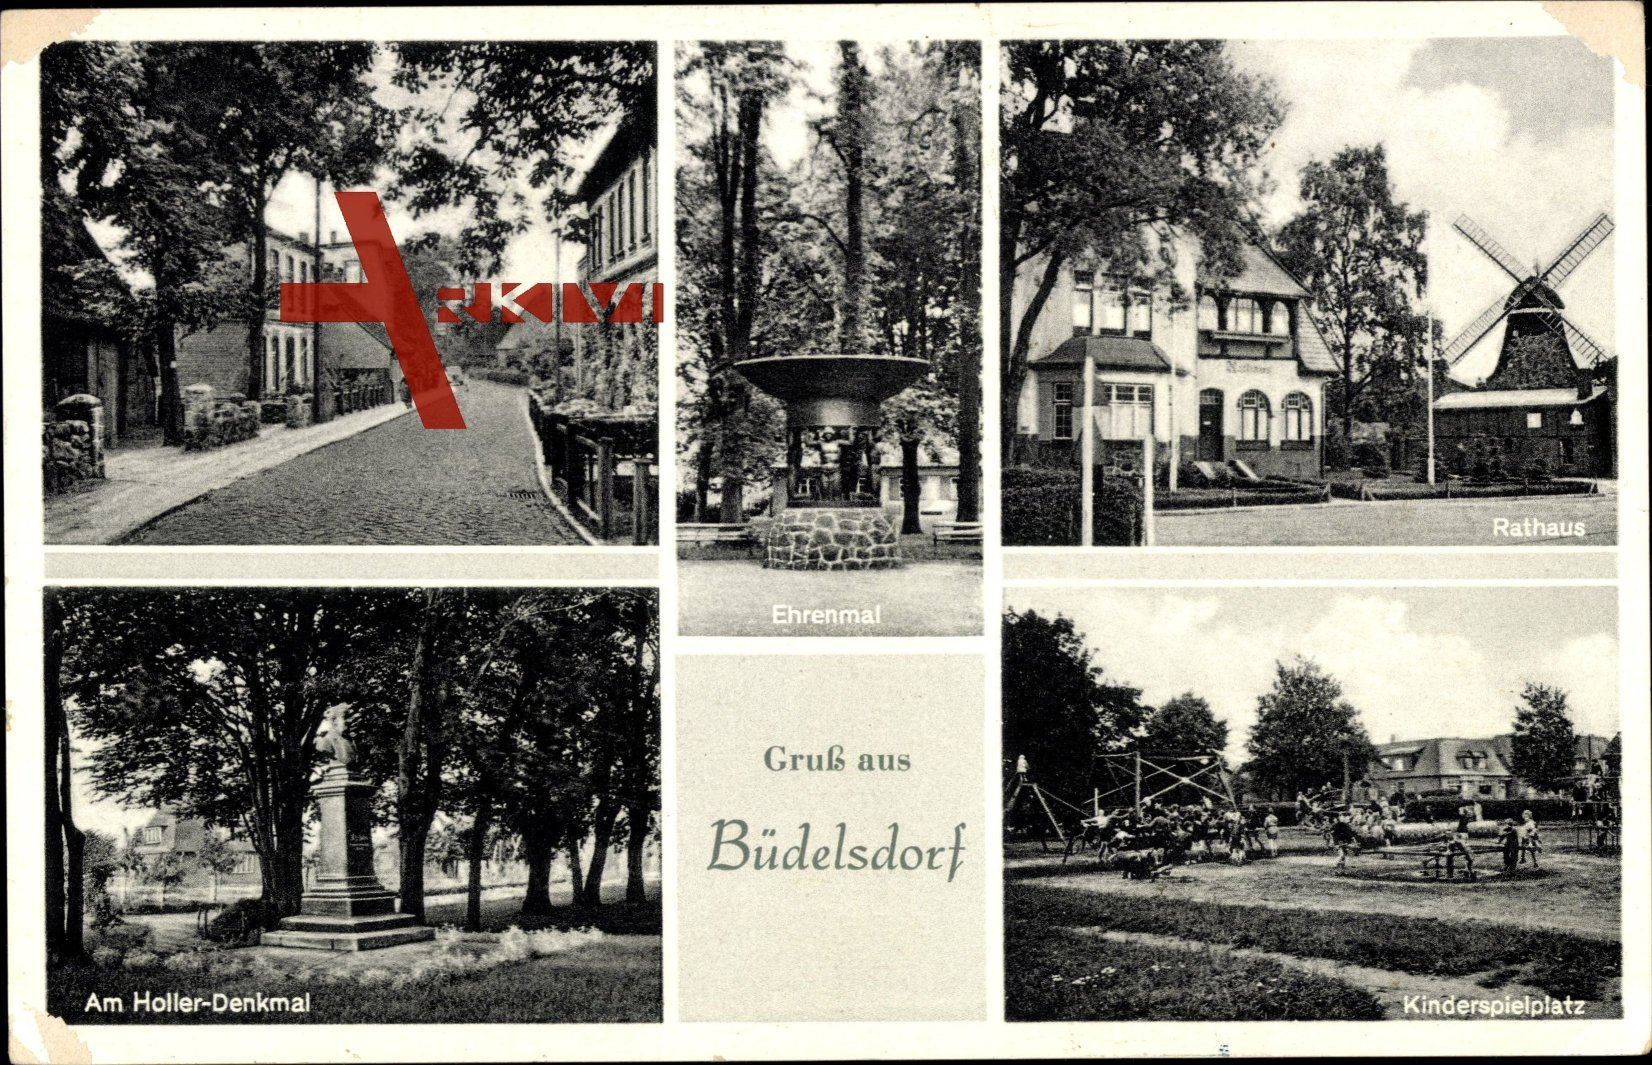 Buedelsdorf